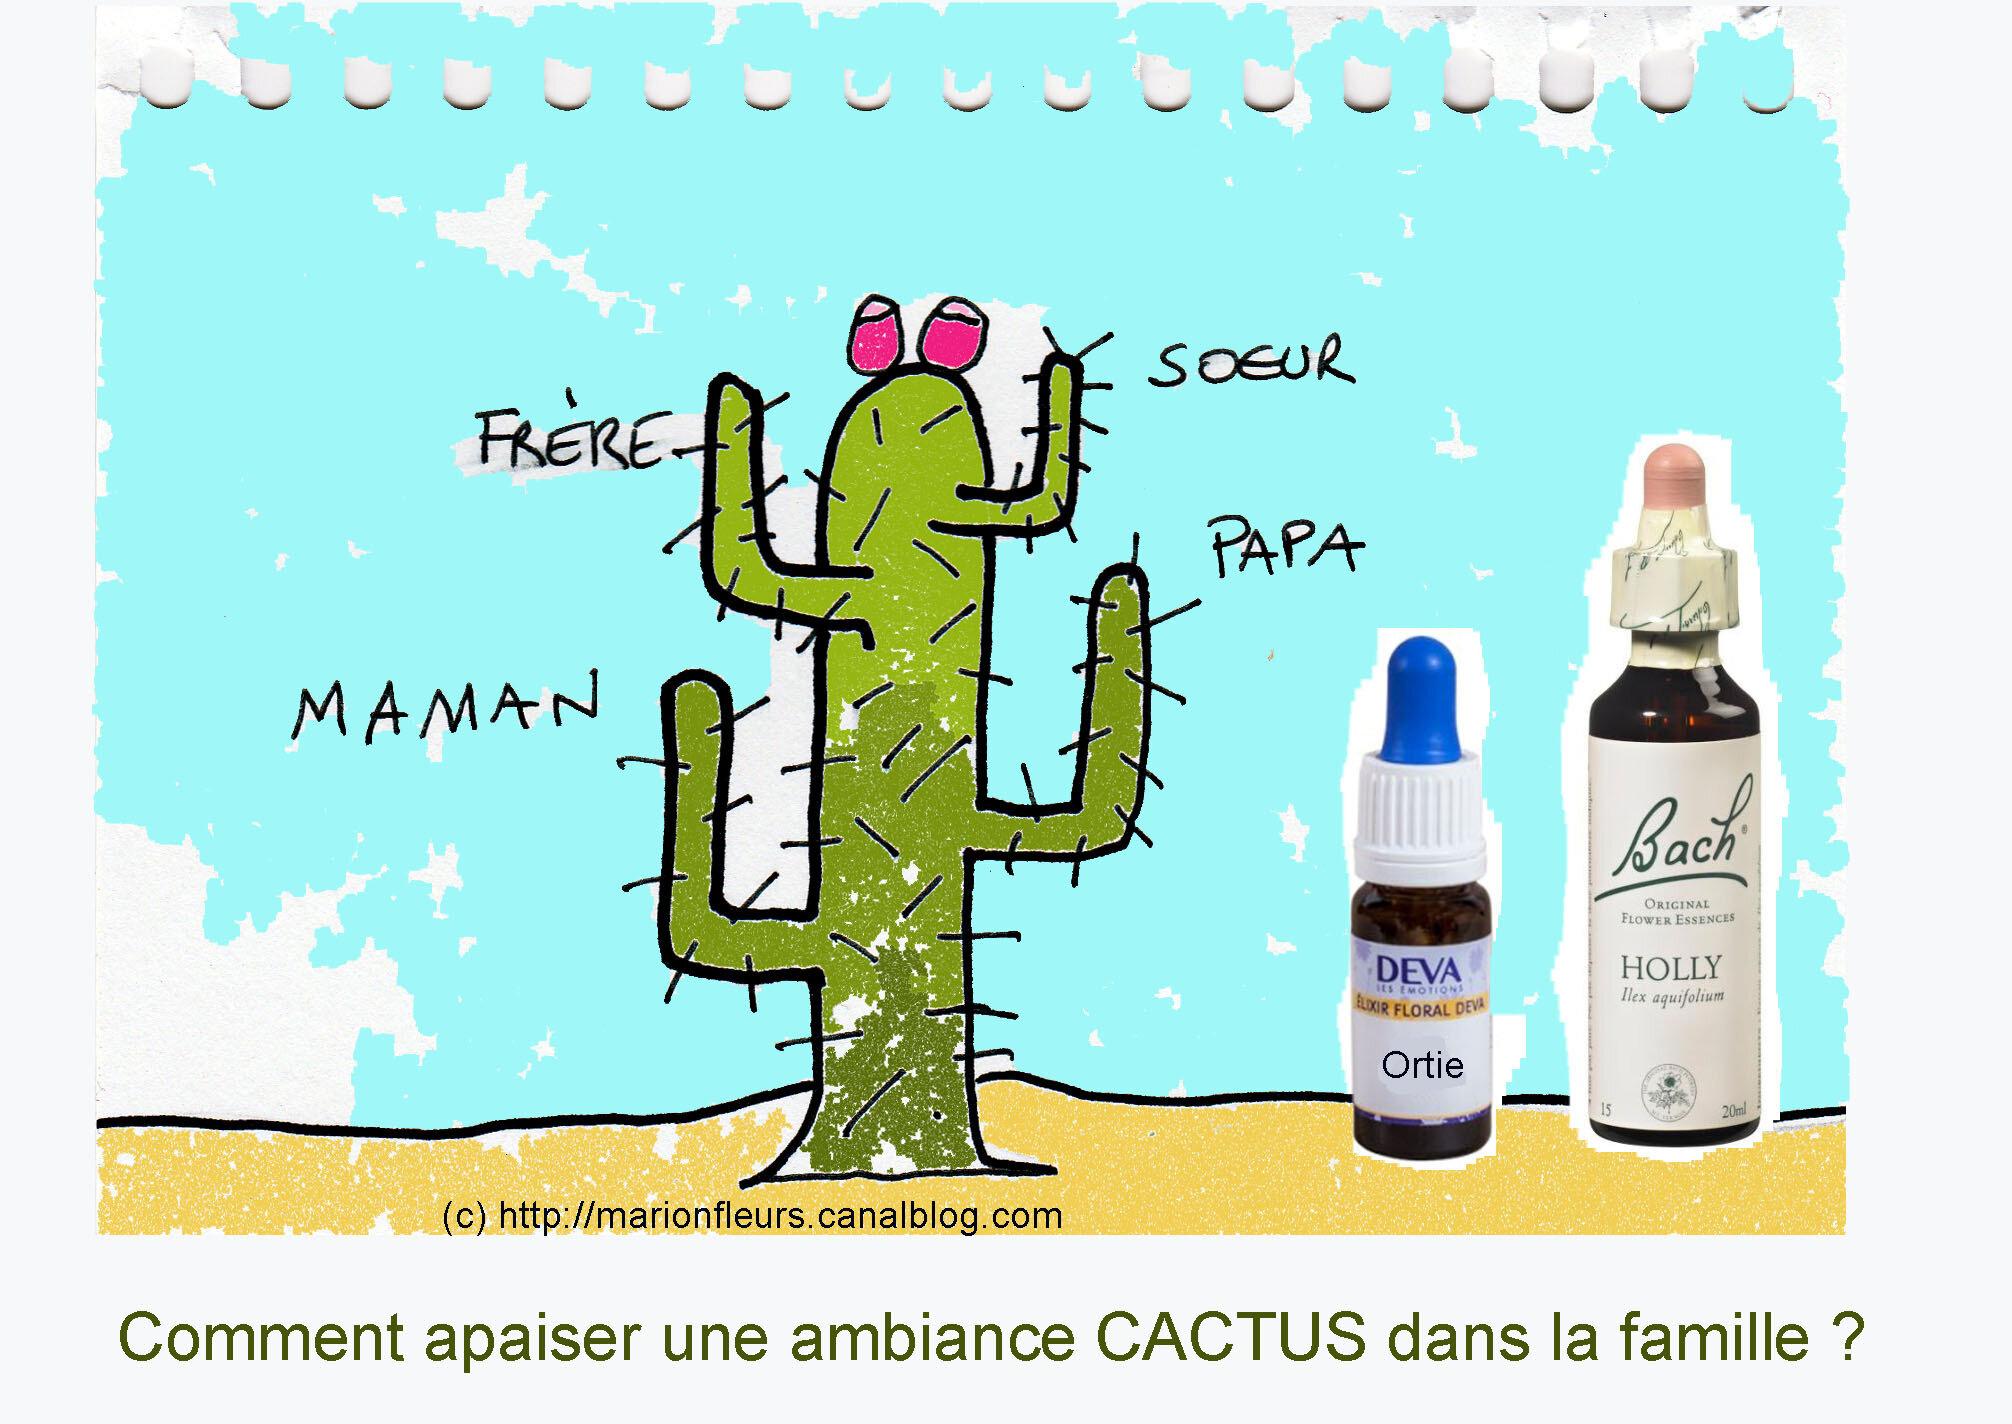 """Qui s'y frotte s'y pique / A l'approche de Noël se manifestent parfois des humeurs """"cactus"""" dans la famille / EF : Holly, Ortie"""